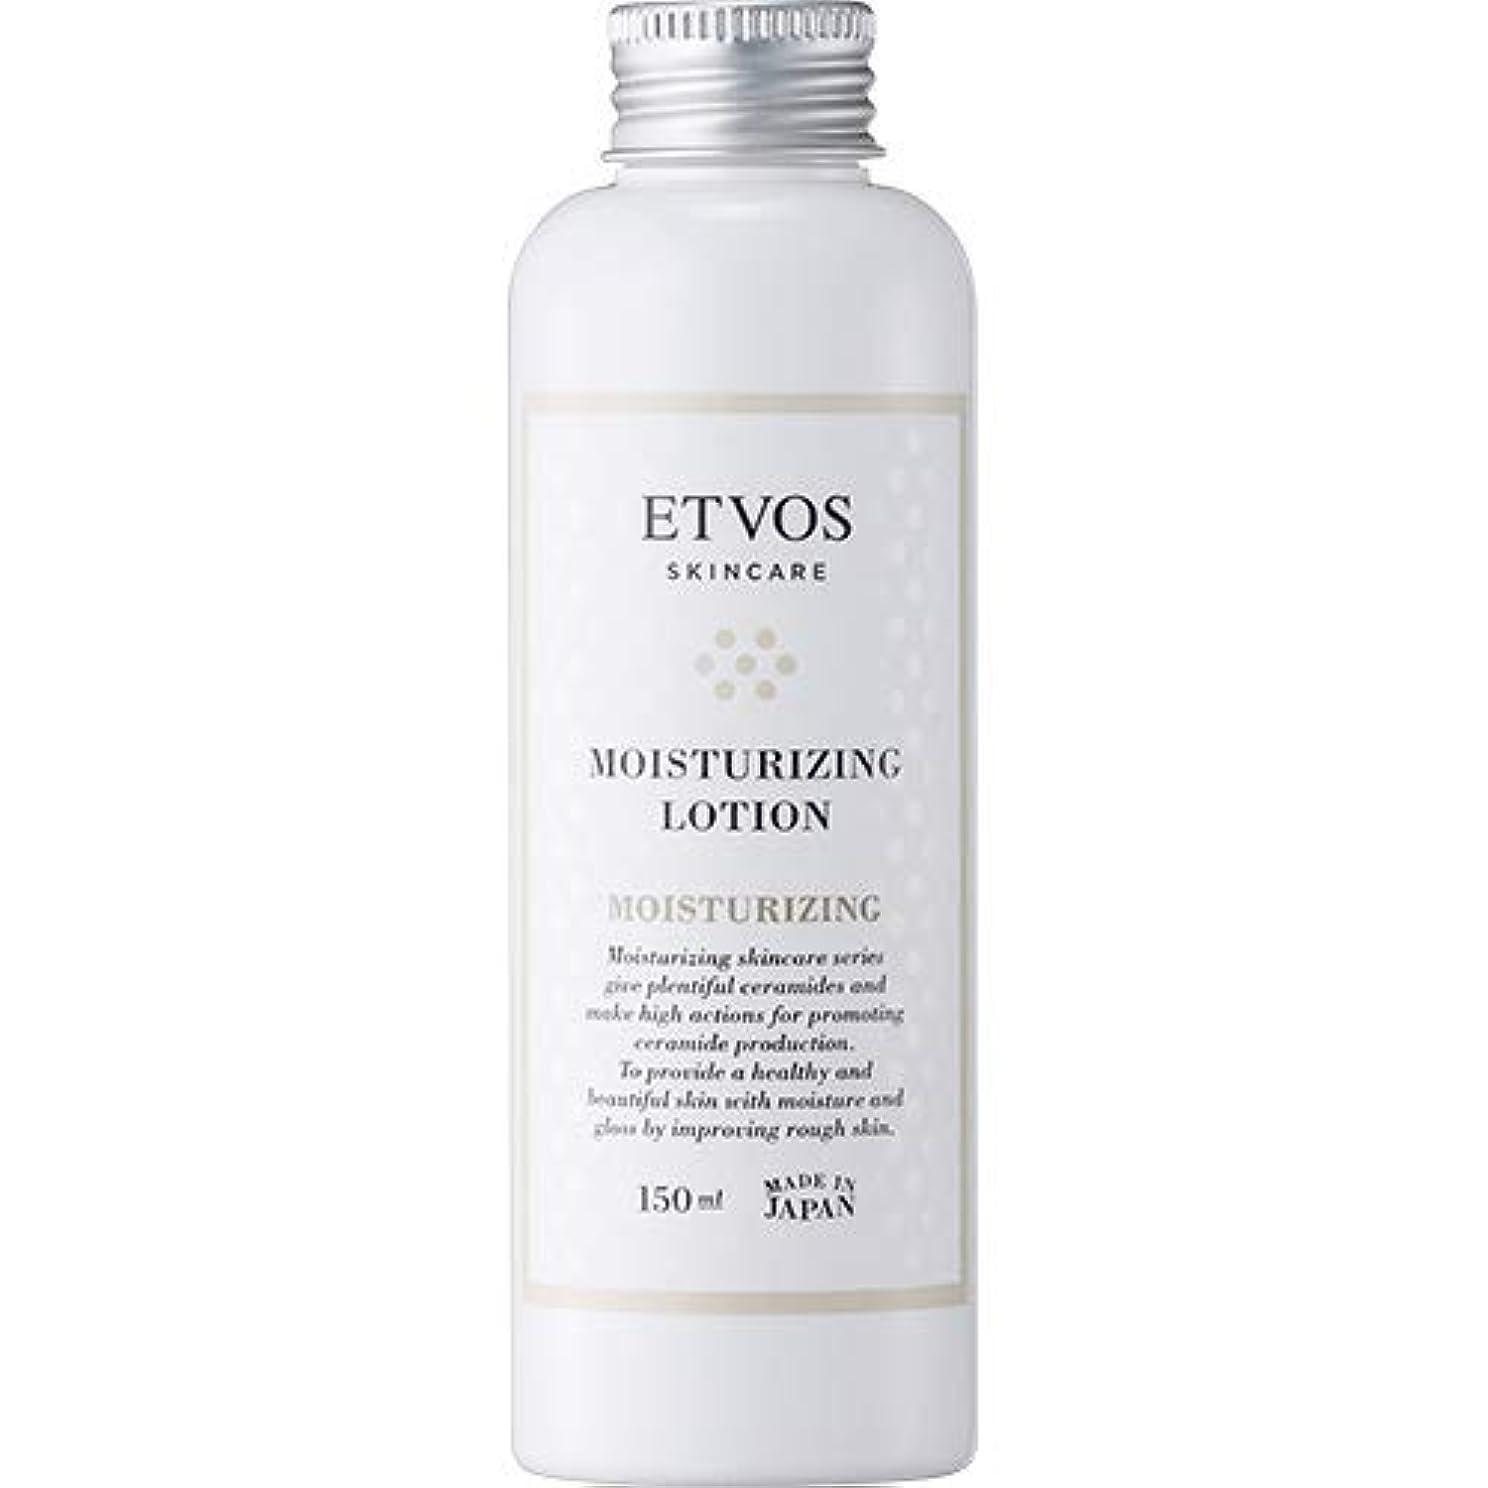 香り配置指ETVOS(エトヴォス) 保湿化粧水 モイスチャライジングローション 150ml セラミド 乾燥肌 パラベンフリー